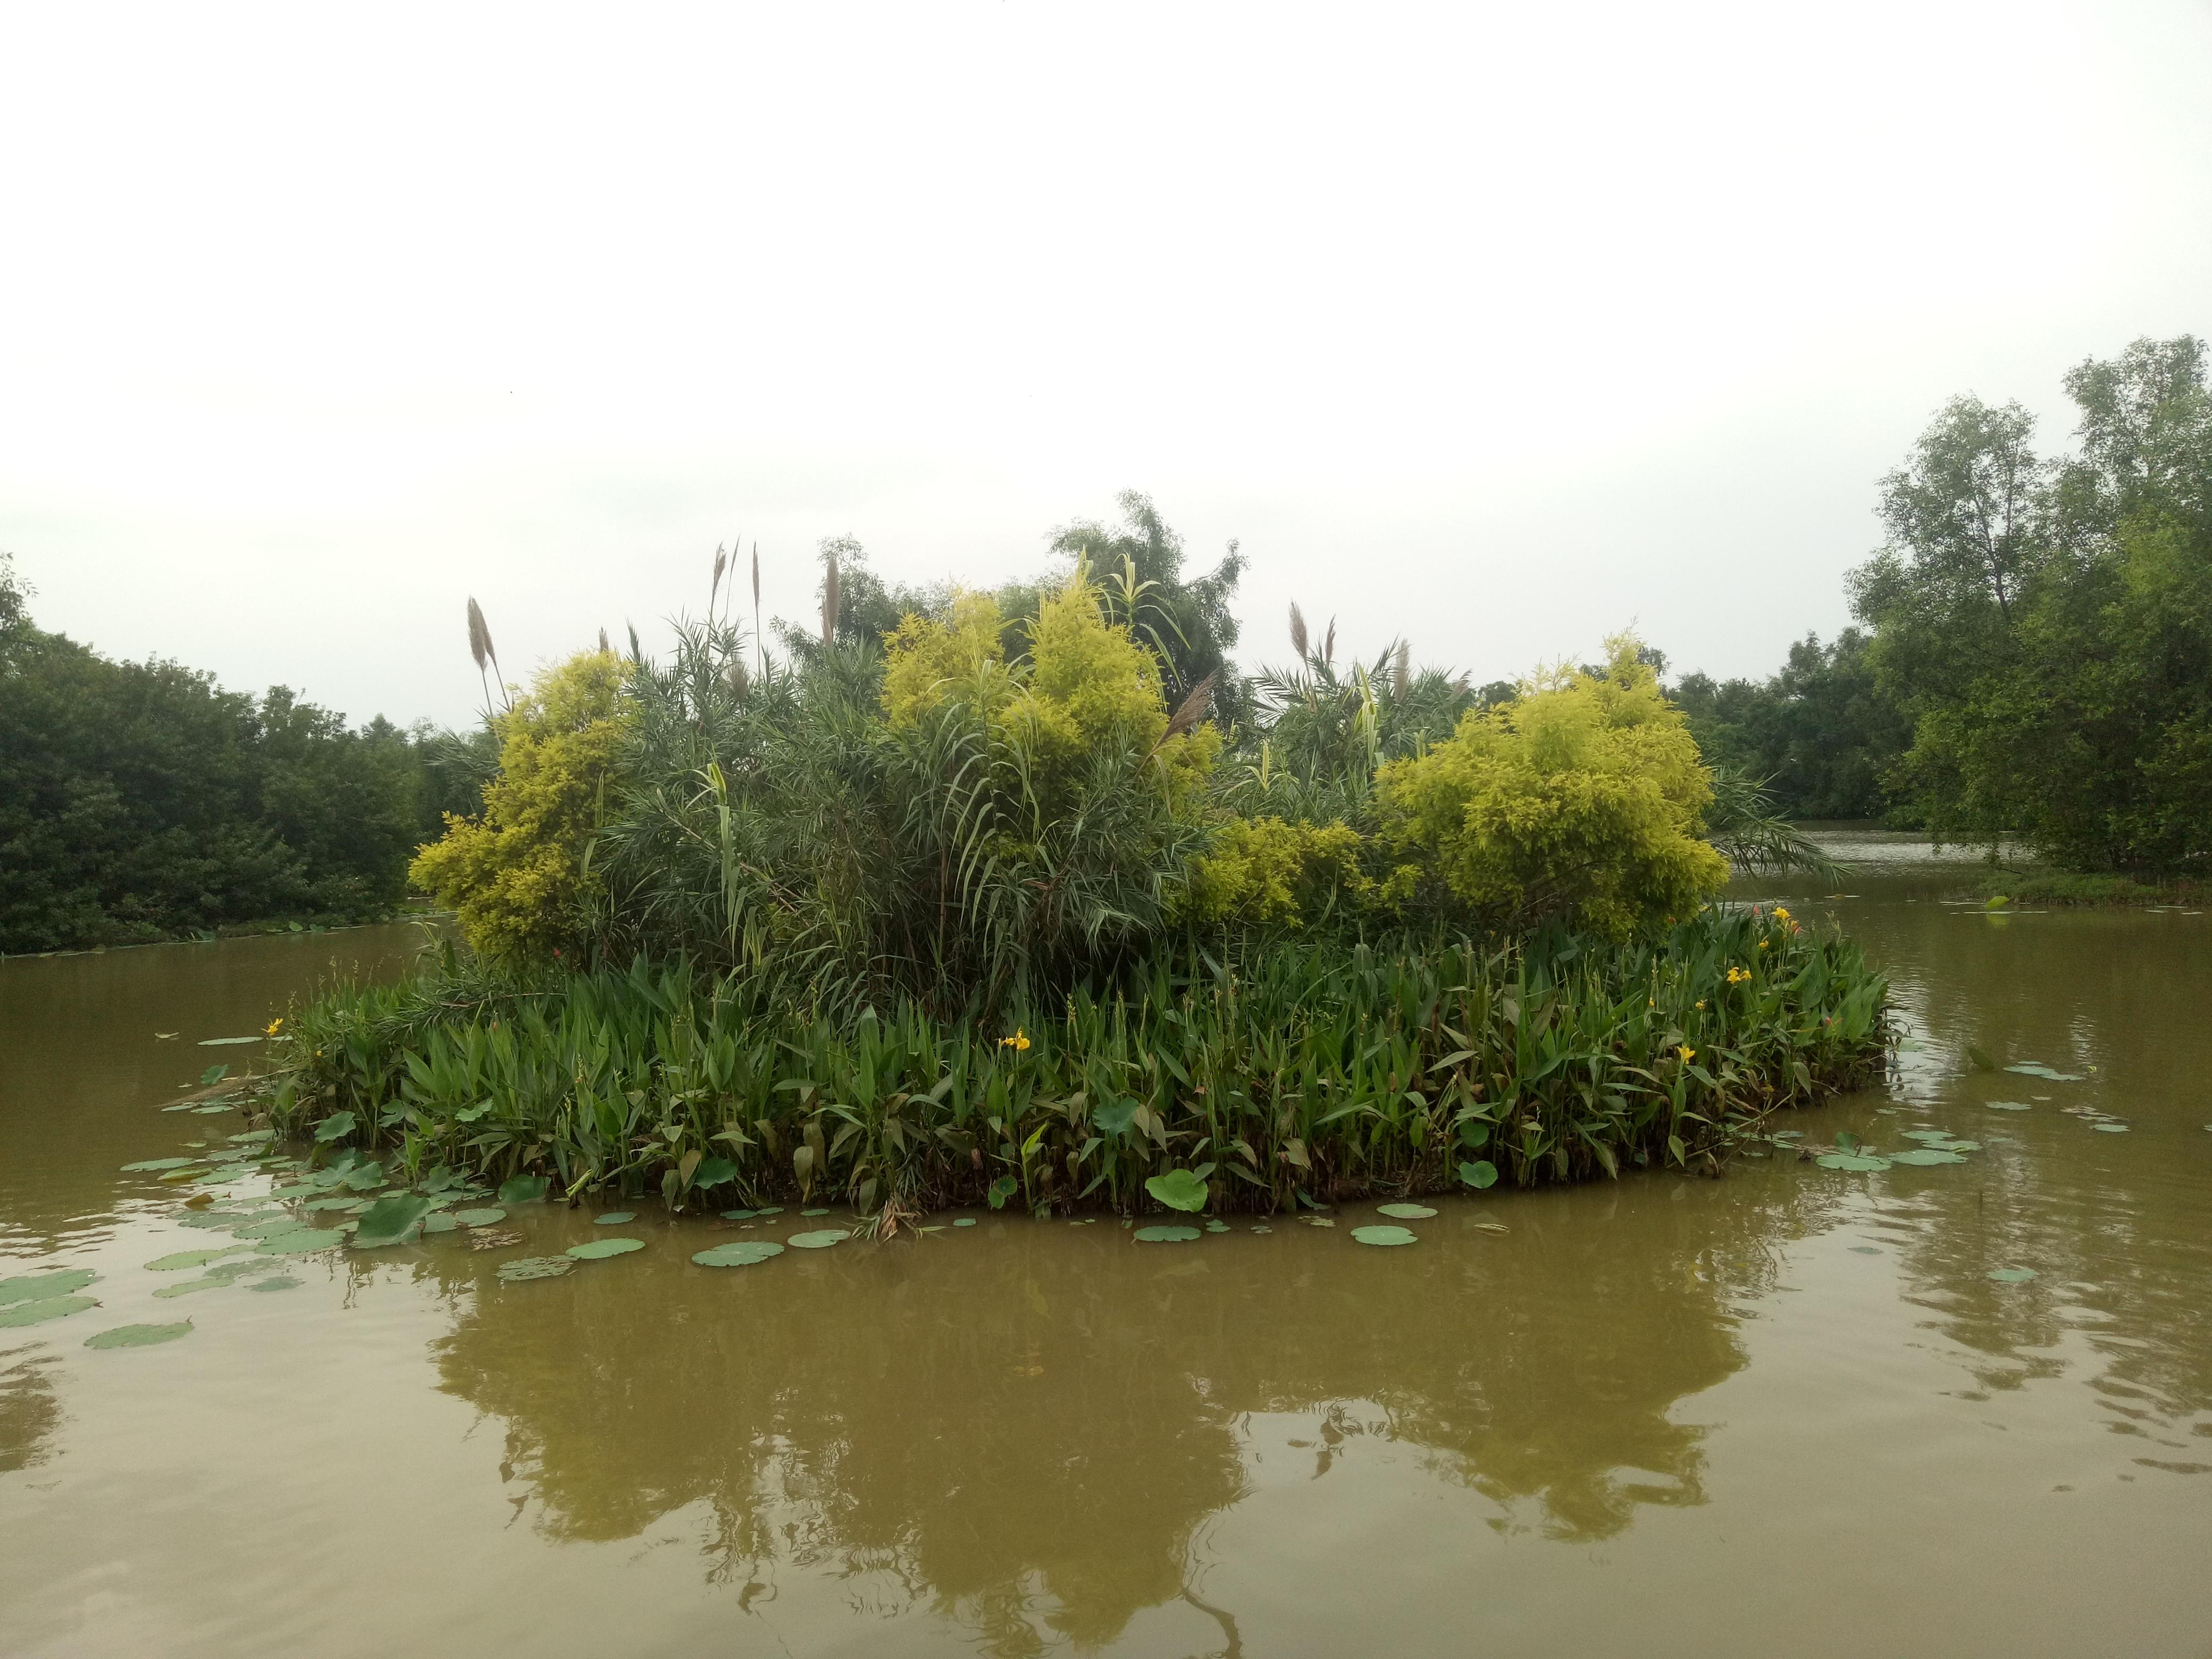 广州去南沙湿地公园_2019南沙湿地-旅游攻略-门票-地址-问答-游记点评,广州旅游旅游 ...